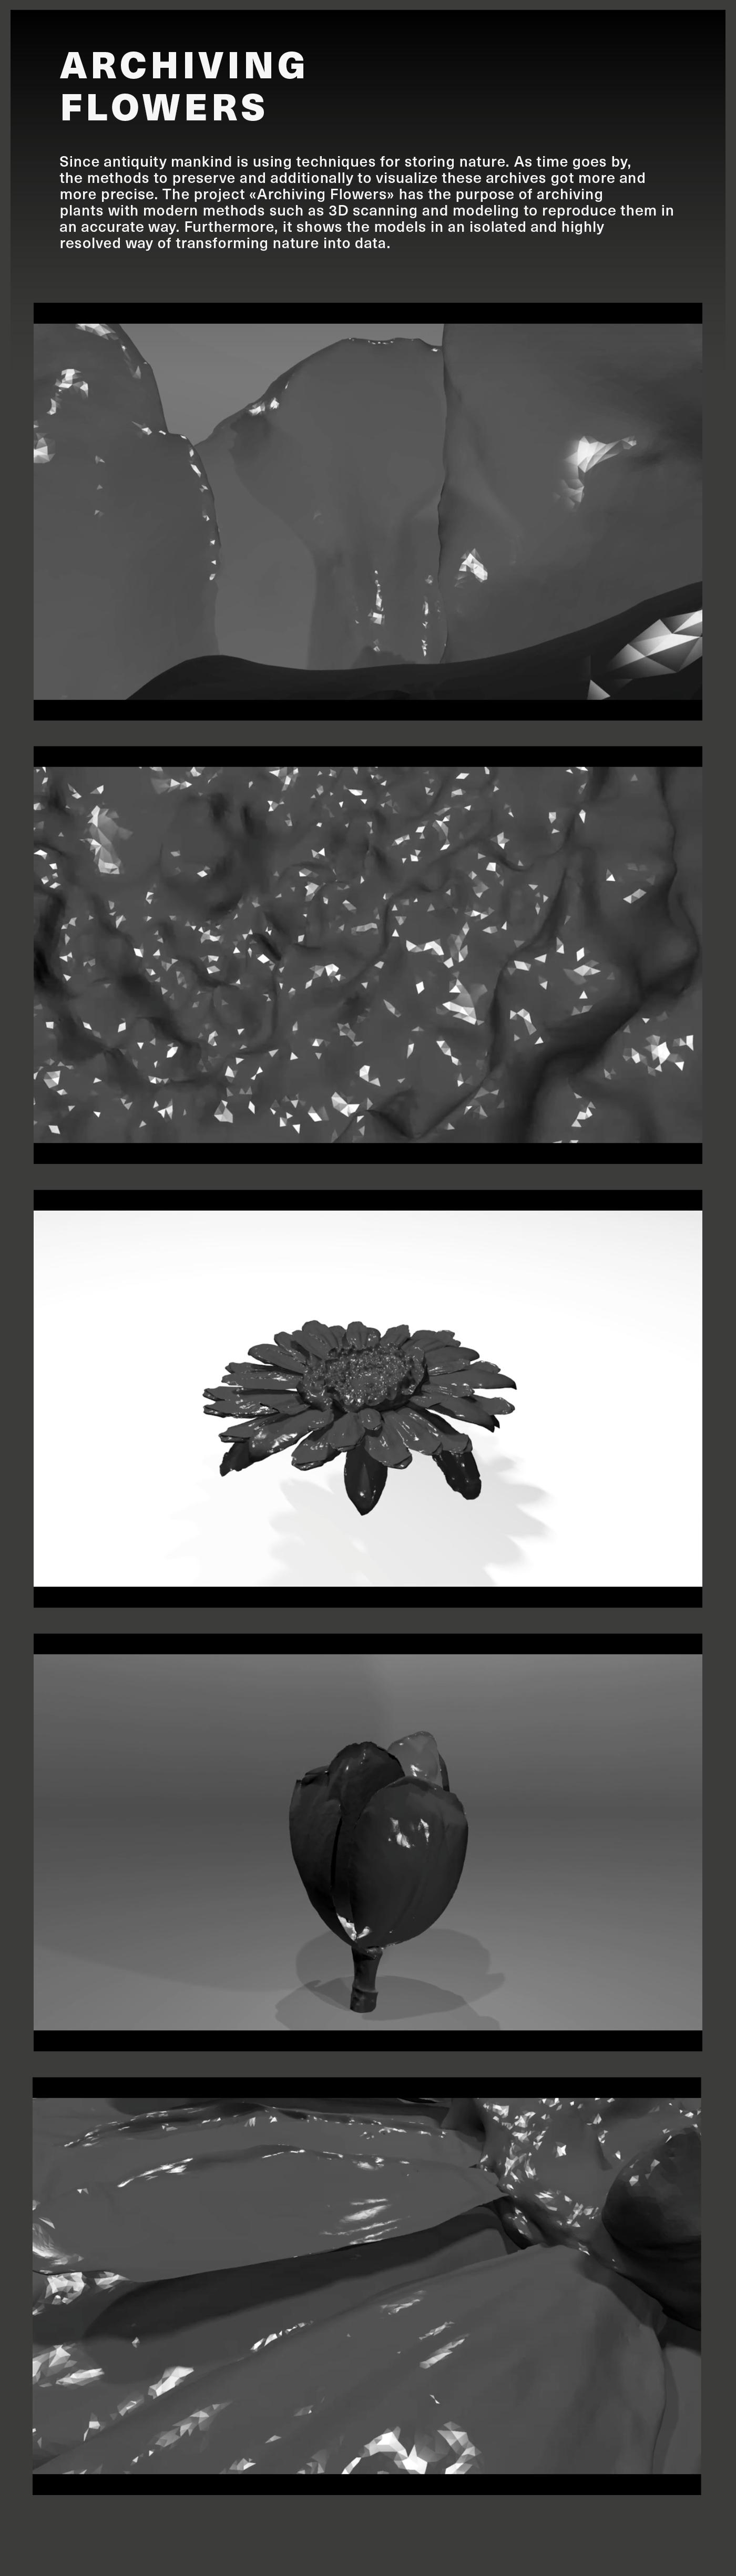 motion design Flowers 3D scanning